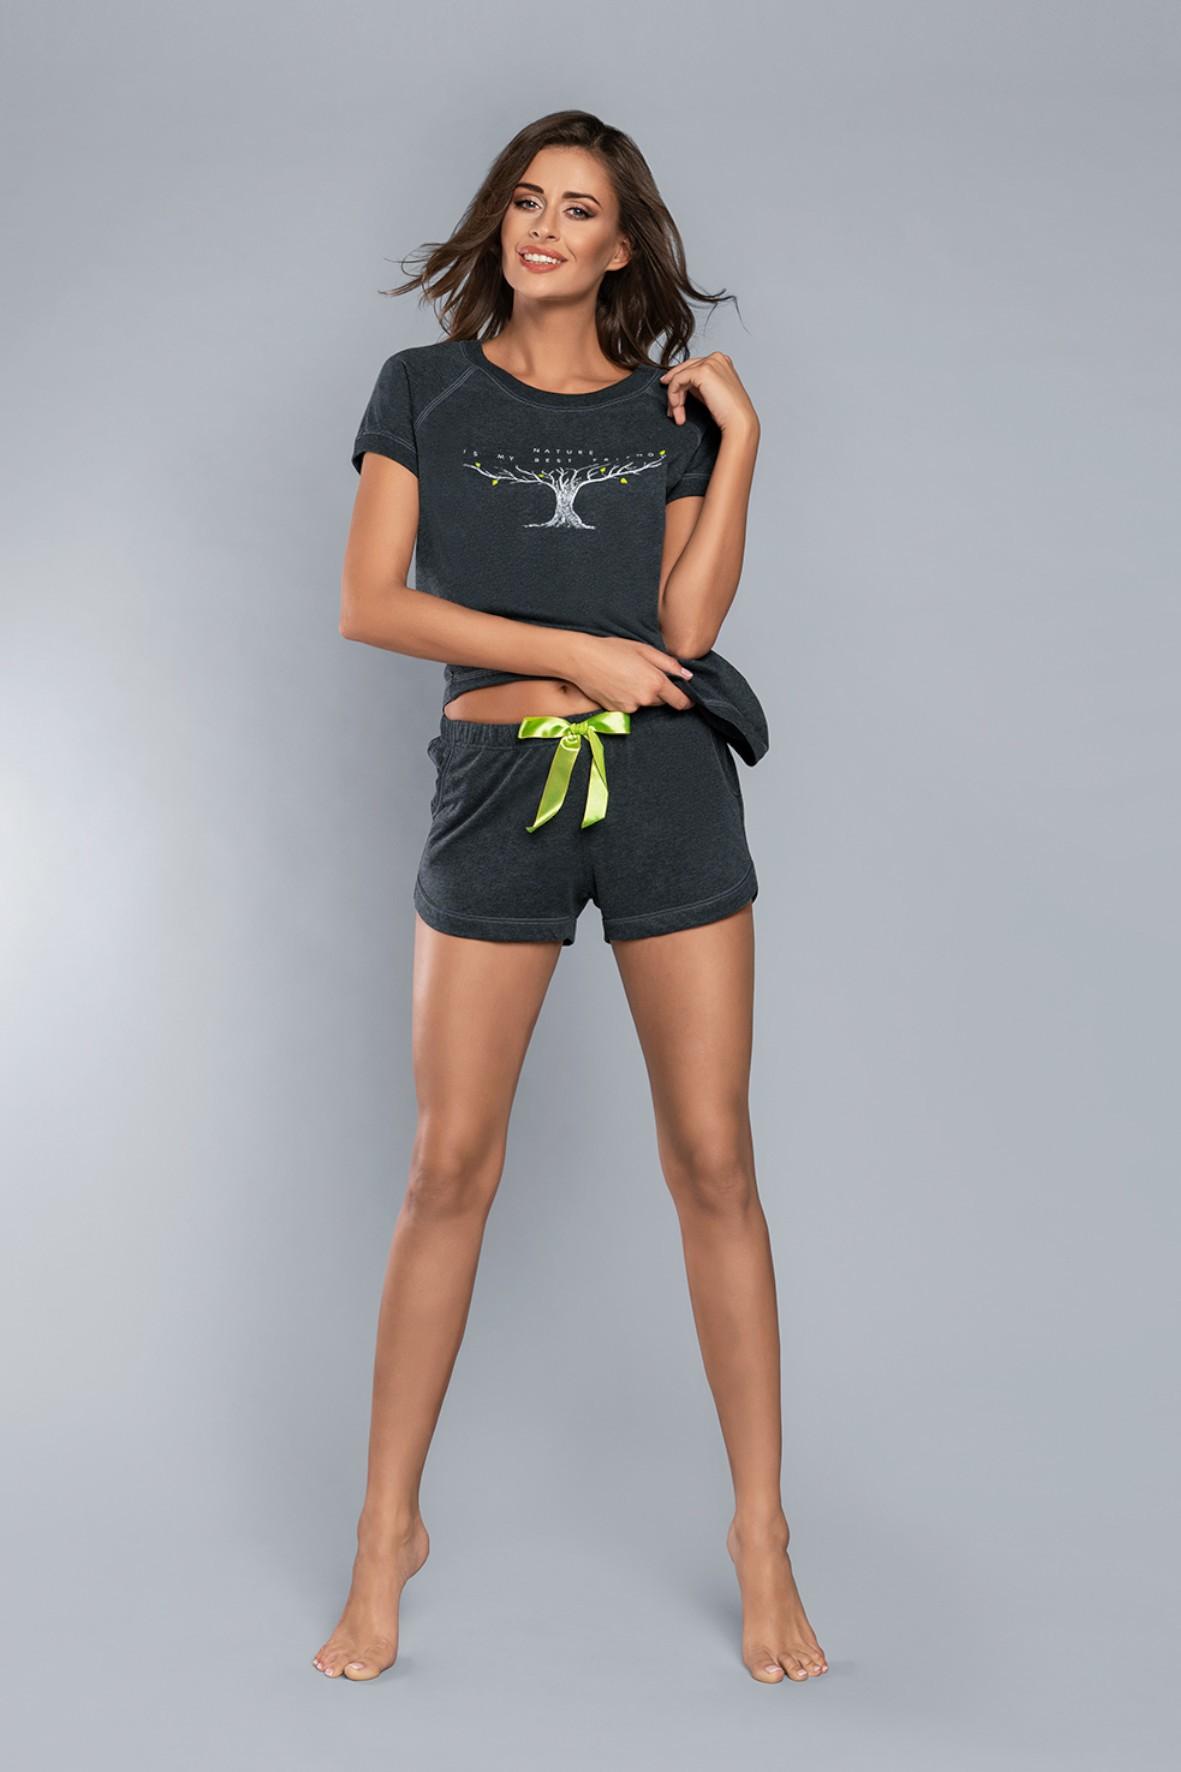 Dwuczęściowa piżama damska - t-shirt na krótki rękaw i krótkie spodenki